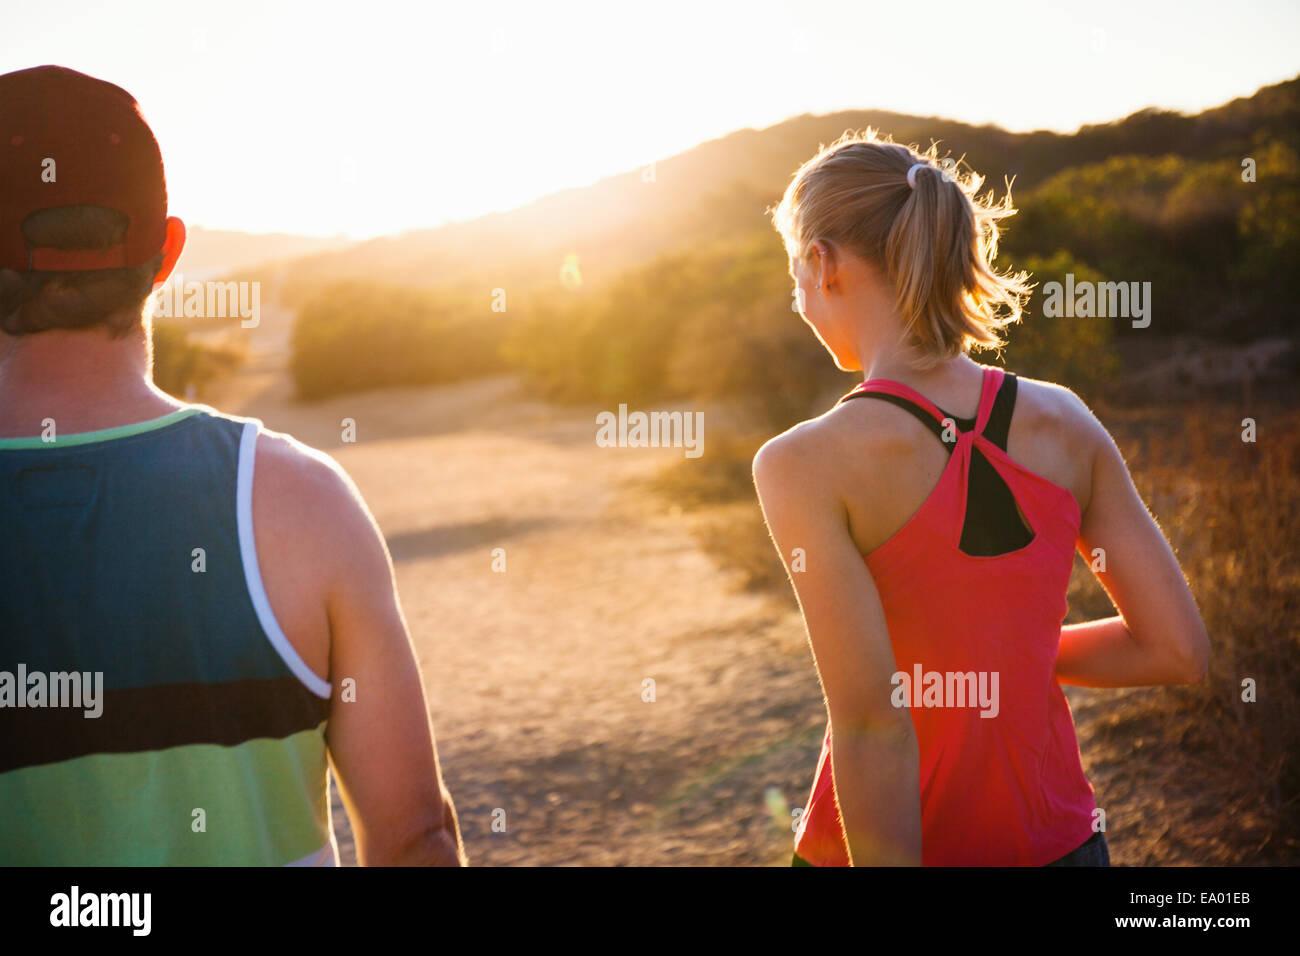 Per gli amanti del jogging camminando sul percorso soleggiato, Portland, CA, Stati Uniti d'America Immagini Stock